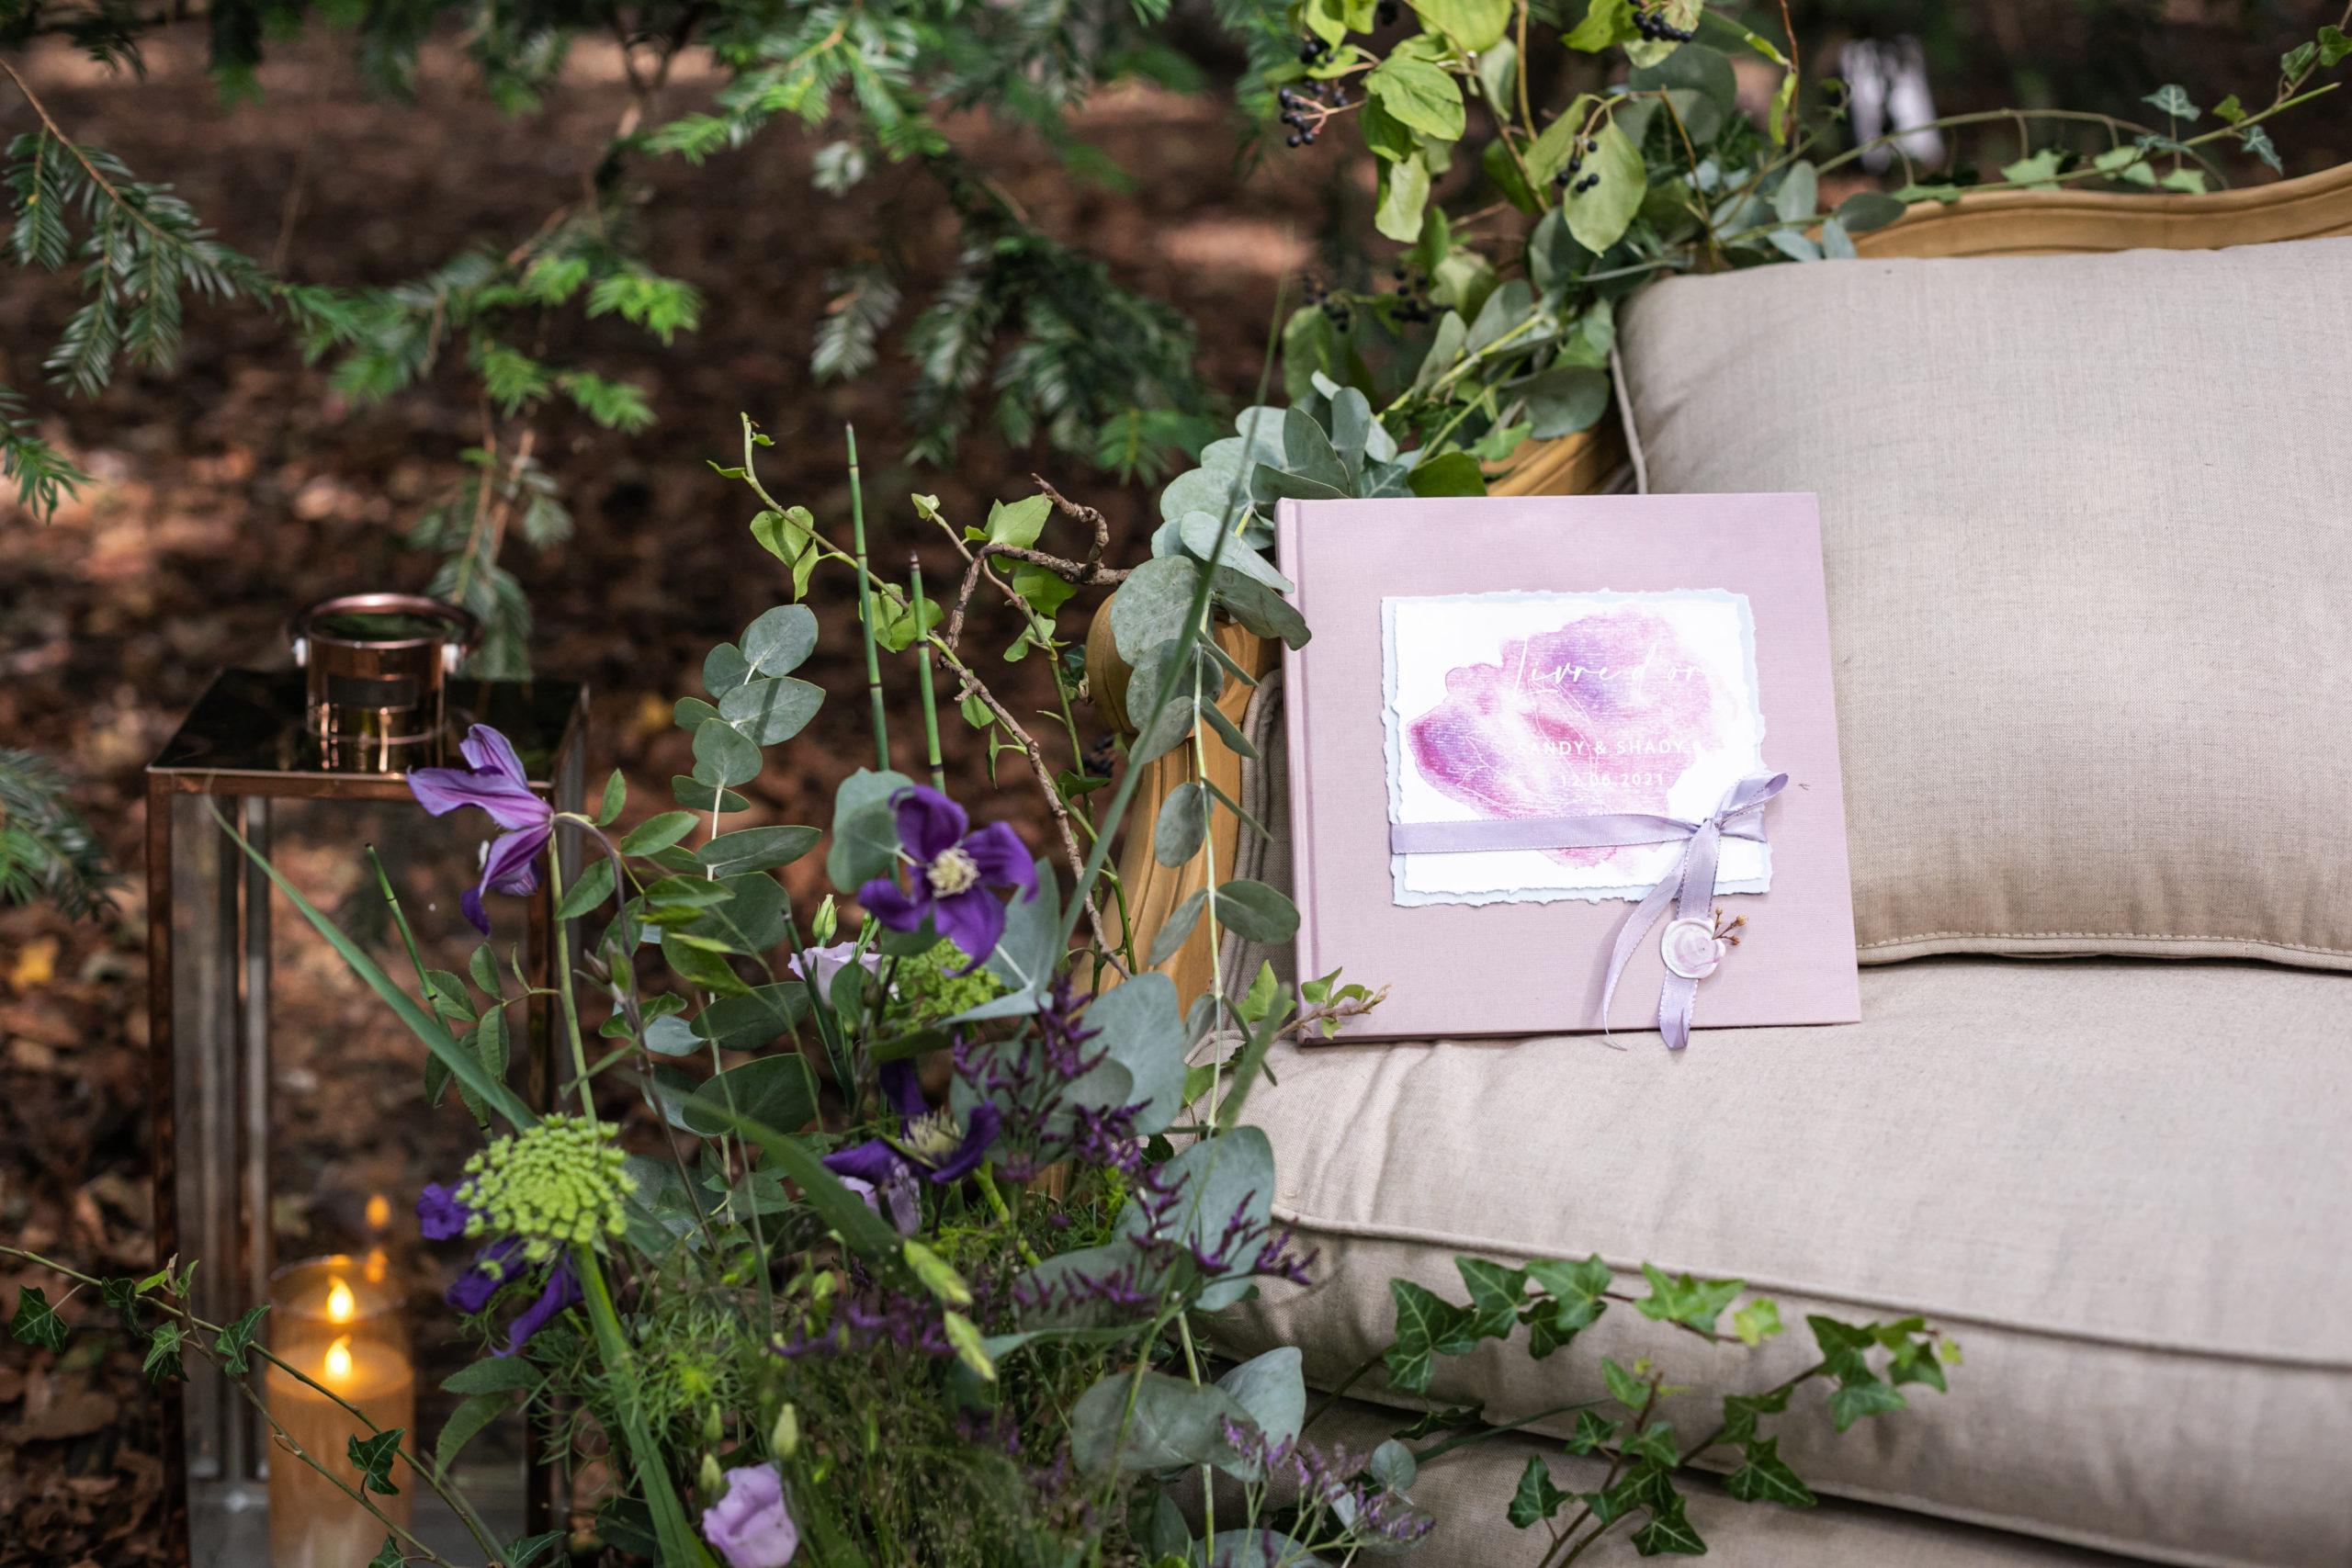 Décoration raffinée avec sofa, faire part et décor fleuri